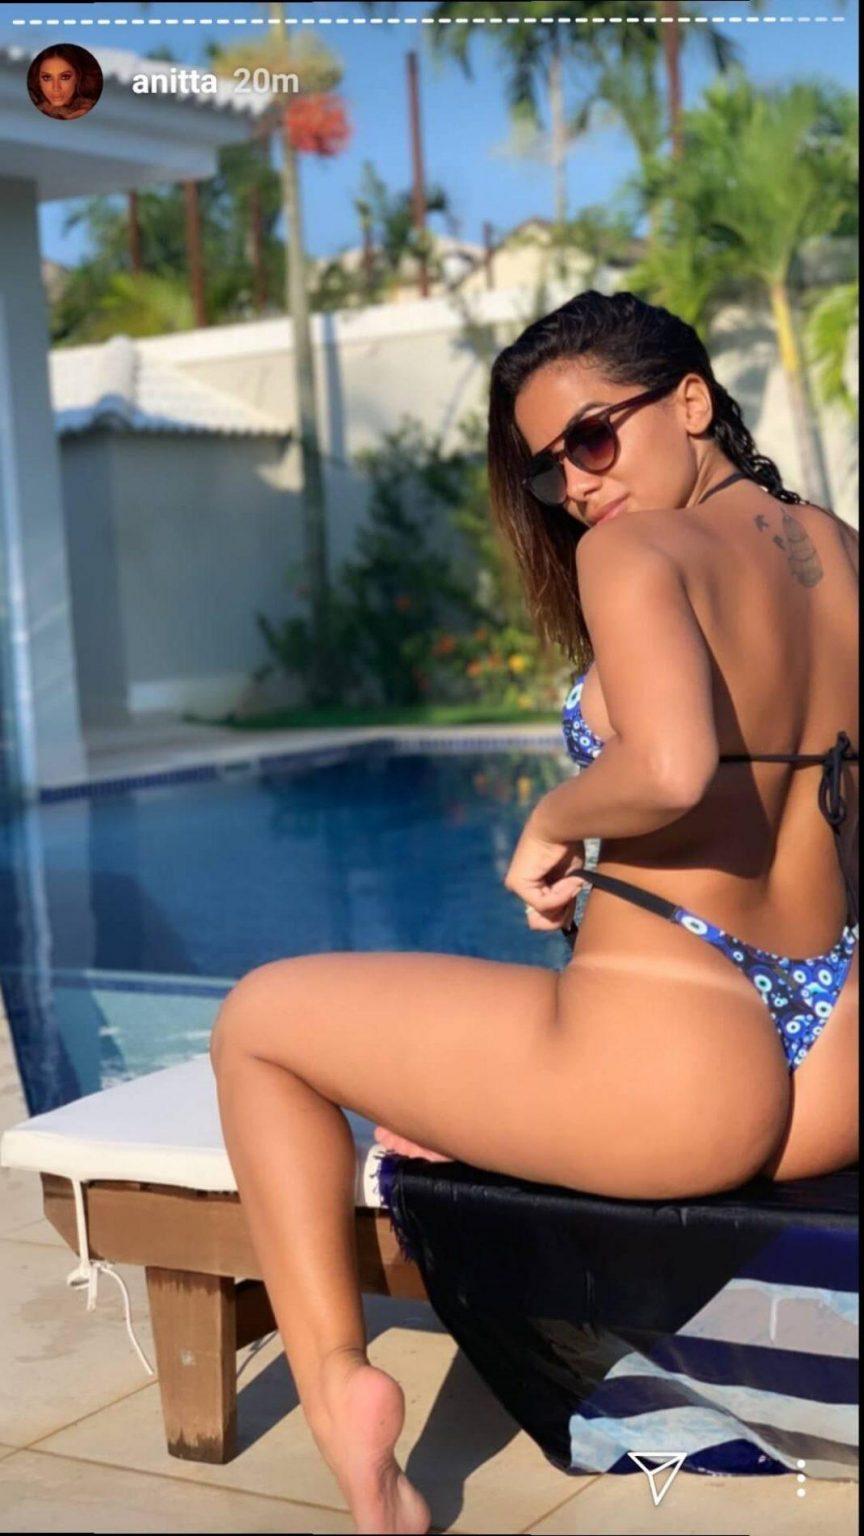 Anitta nude